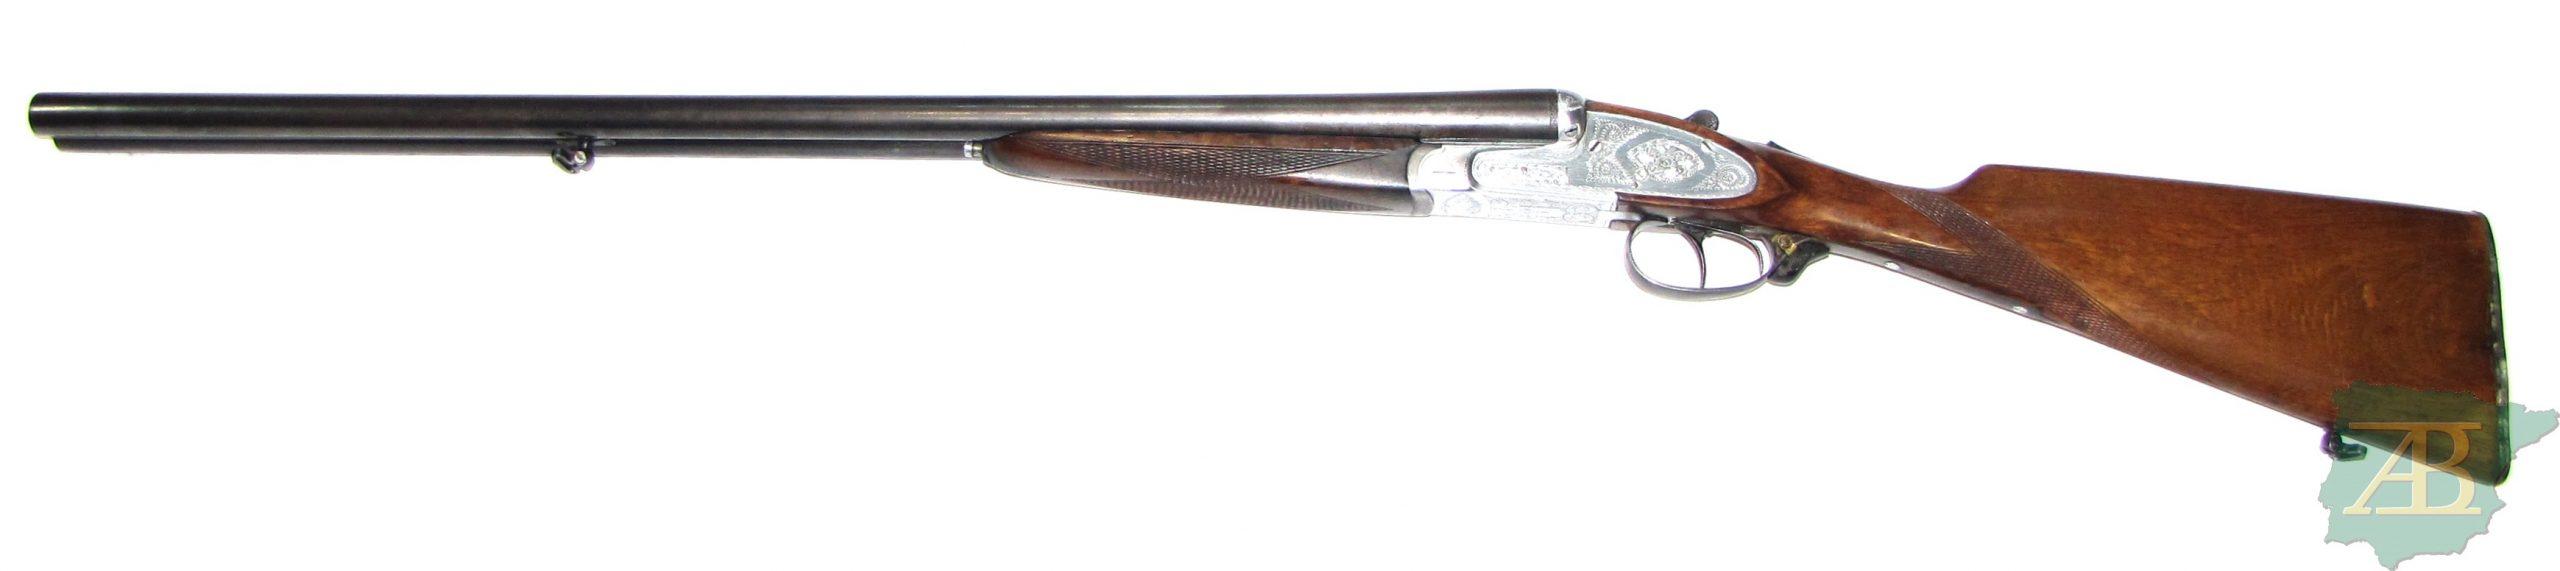 Escopeta paralela de caza de gama baja AZHUR Ref 5507-armeriaiberica-2